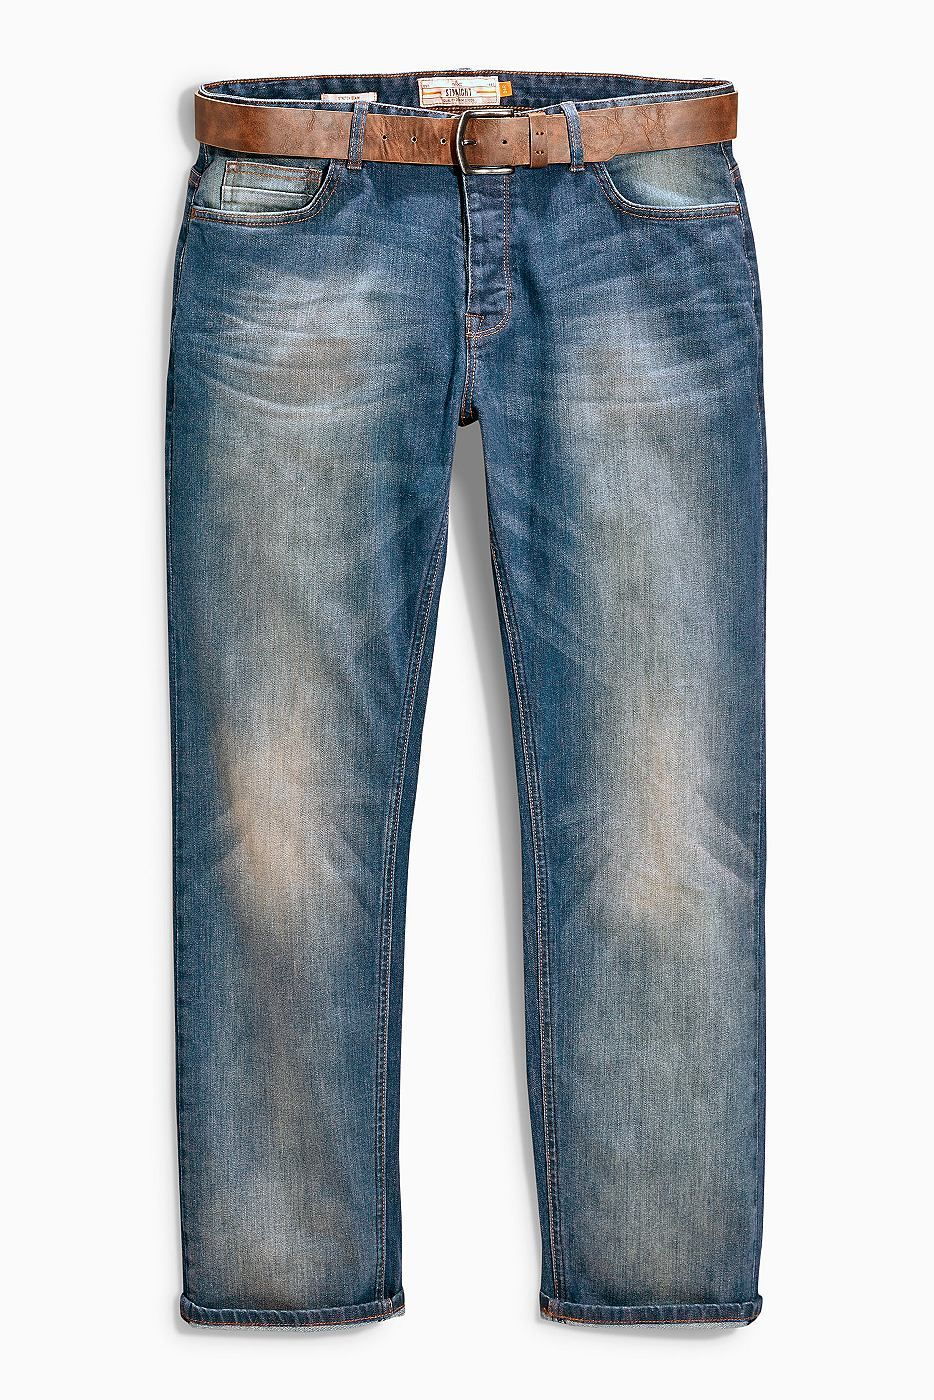 Jeans in mittelblauer Waschung mit Gürtel  Hauptteil: 98% Baumwolle, 2% Lycra-Elasthan. Gürtel: 100% Polyurethan....